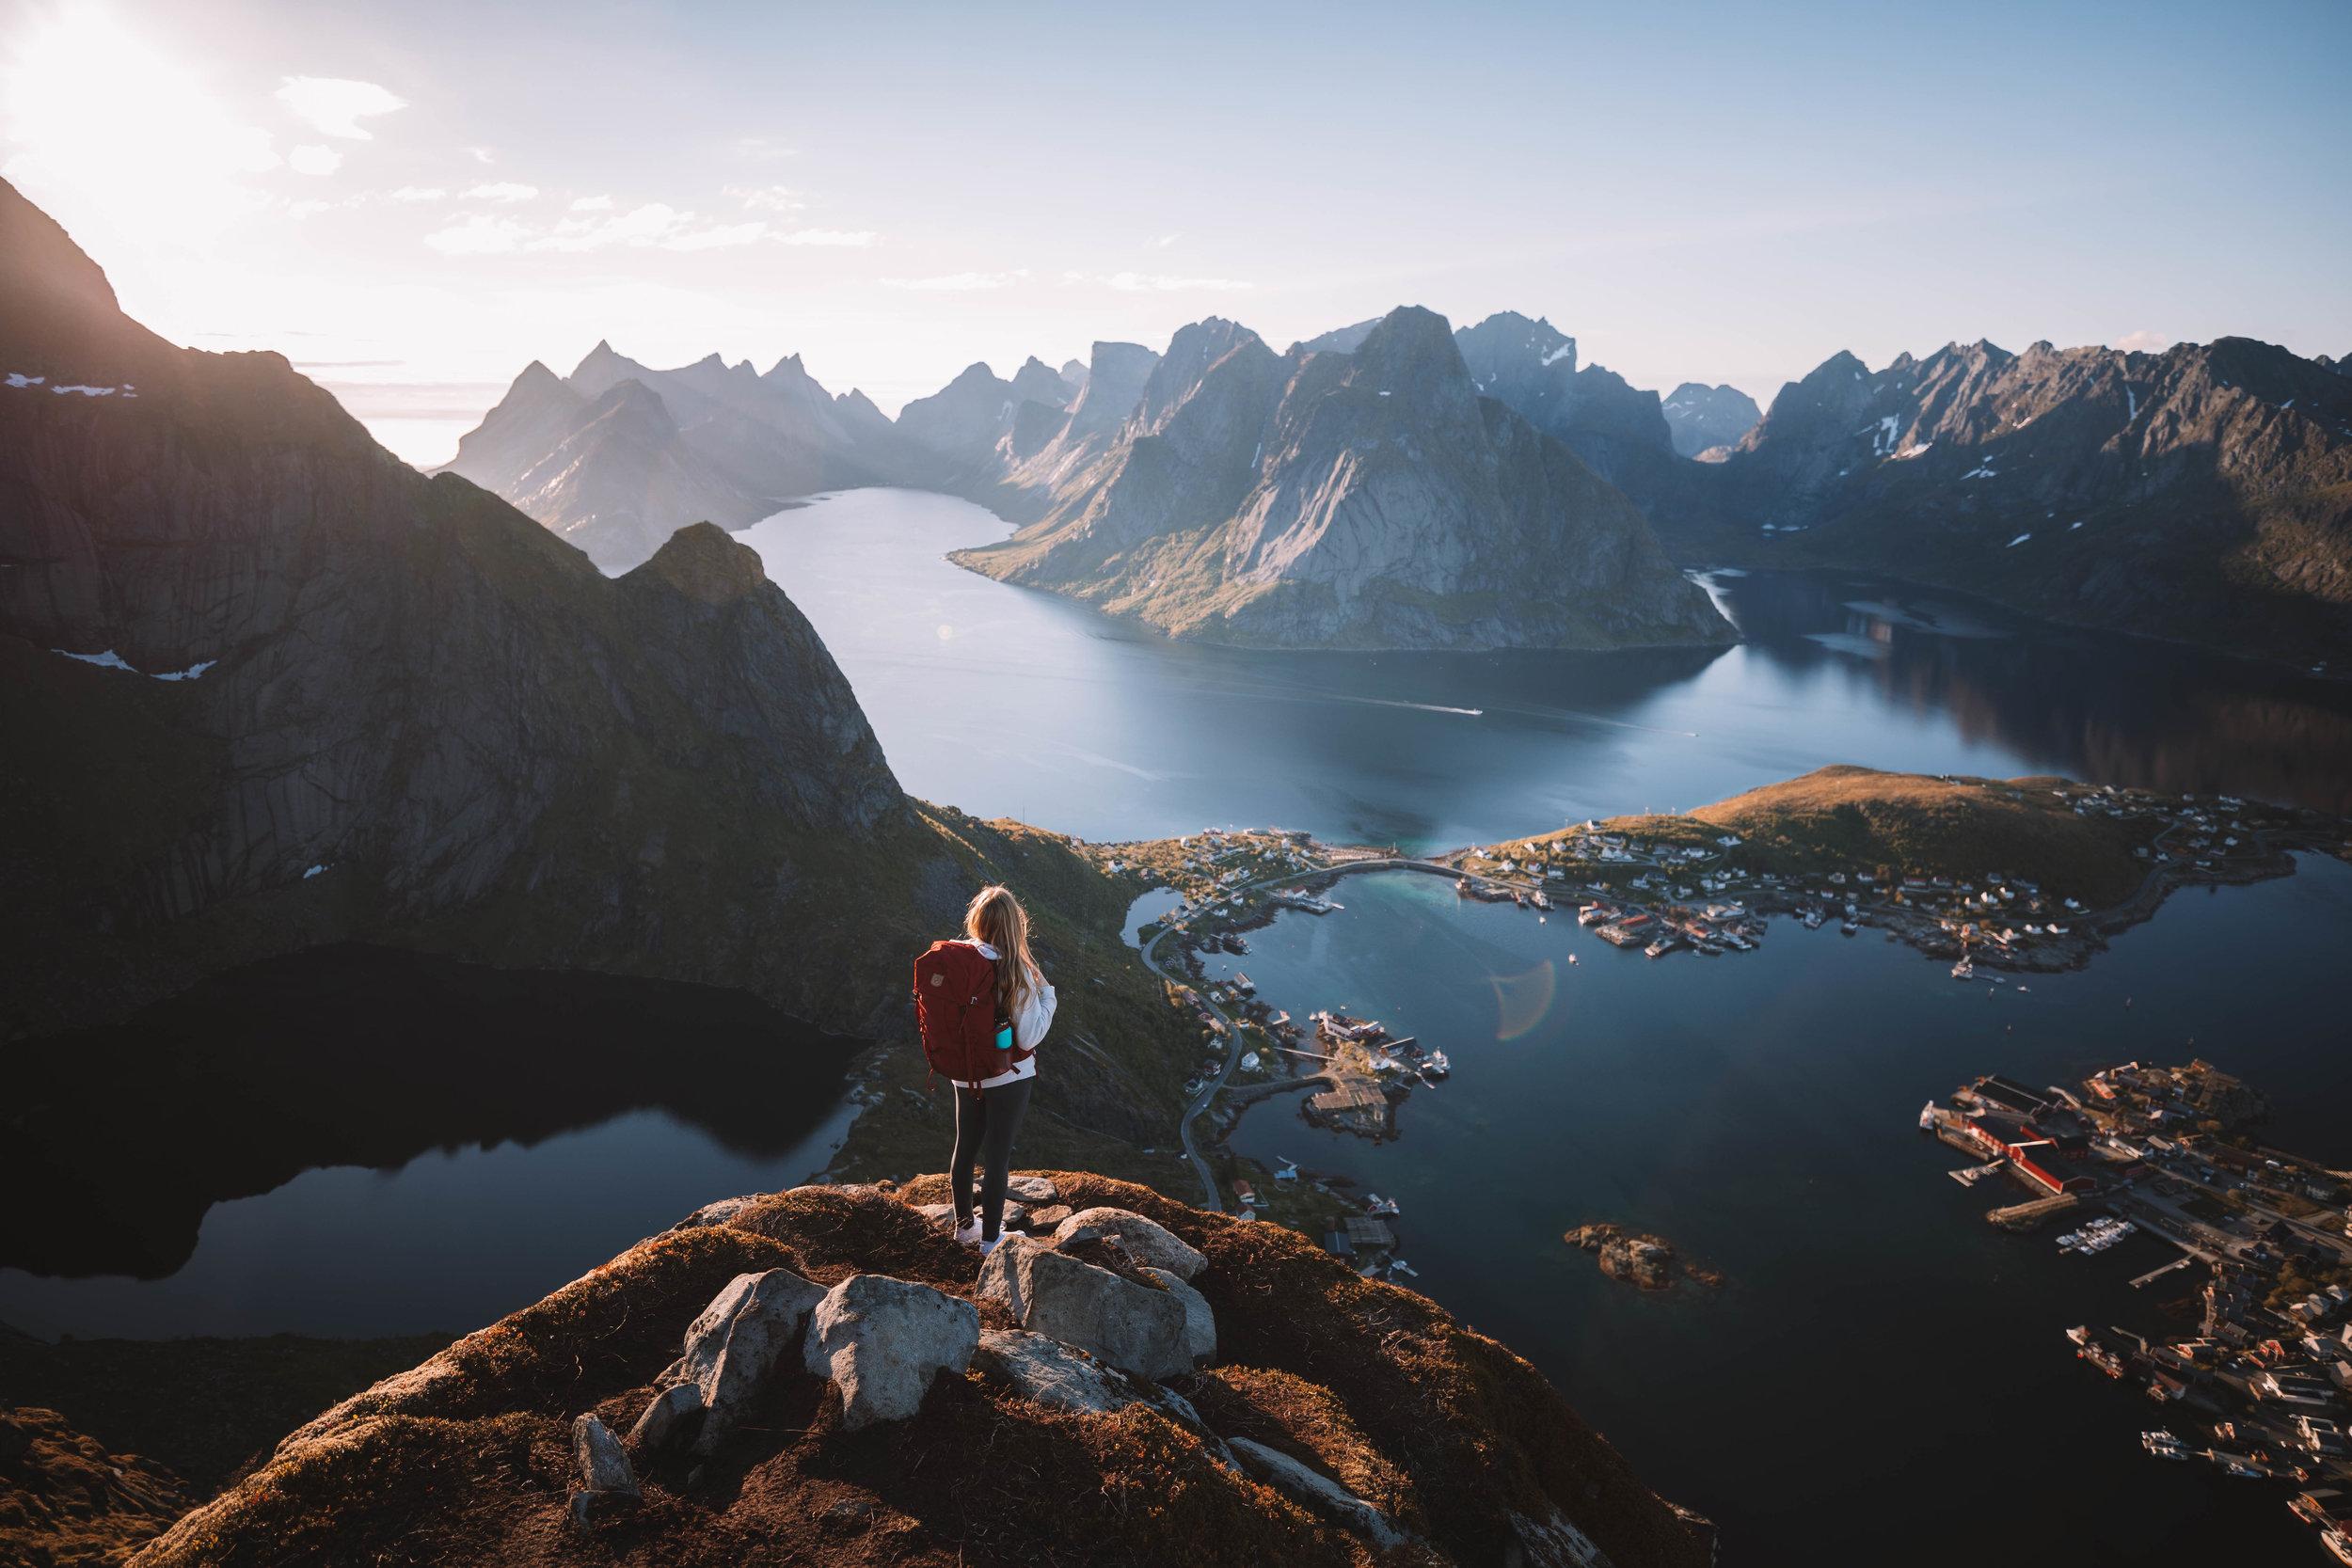 Stunning views as a reward after a fun hike on Lofoten islands.